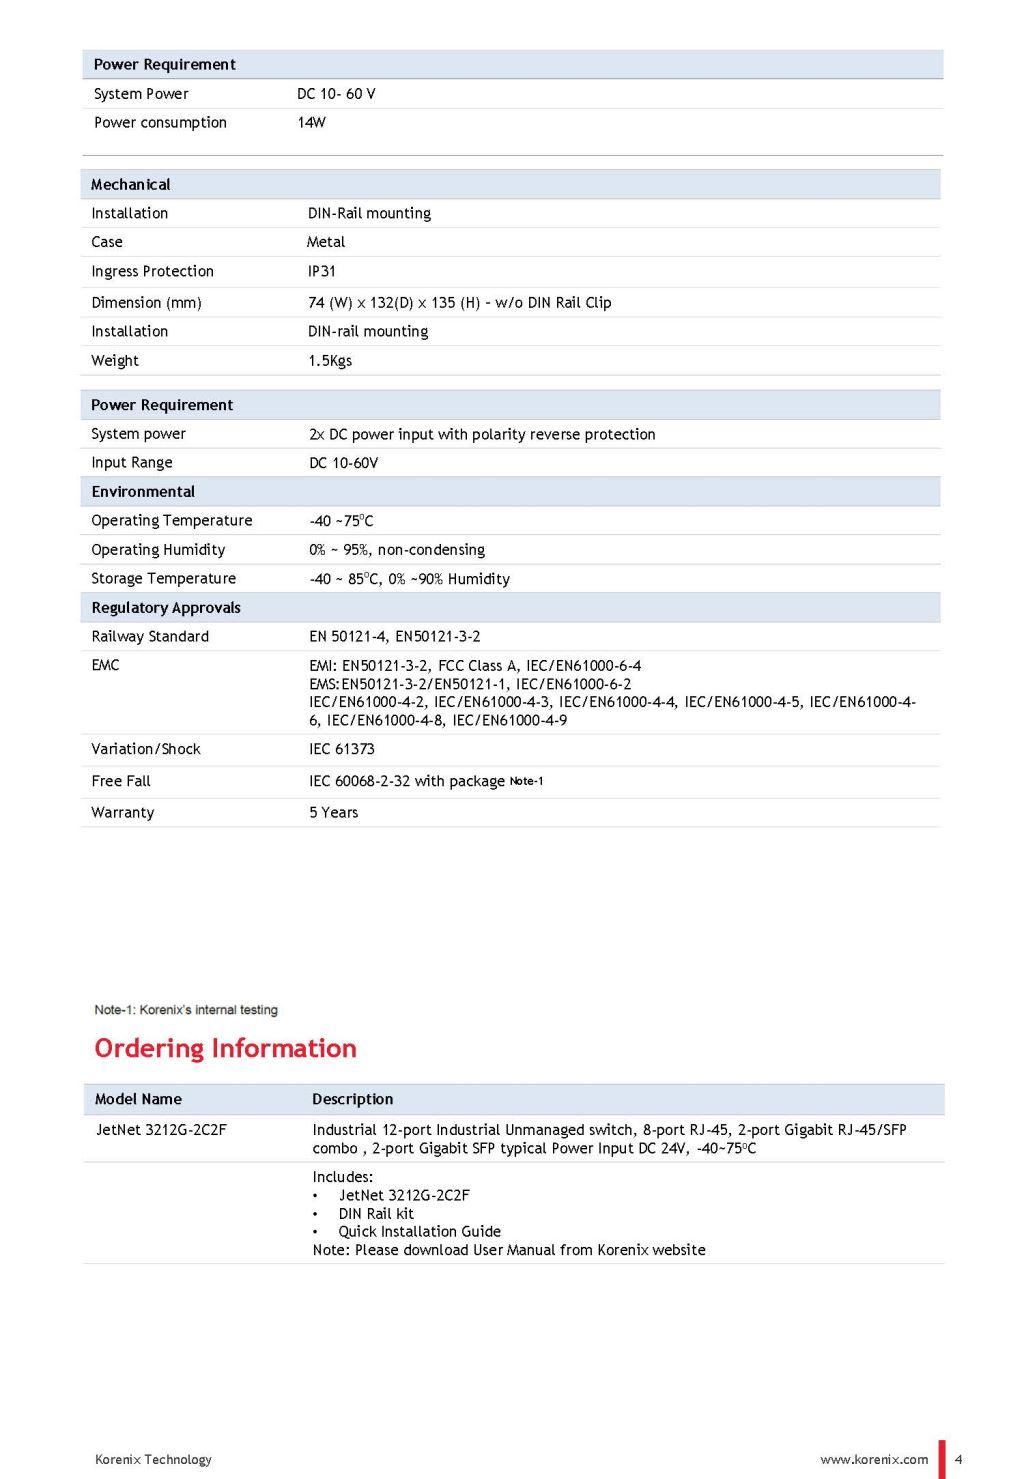 Korenix JetNet 3212G-2C2F Industrial Full Gigabit 8 + 2G SFP +2G Combo DC